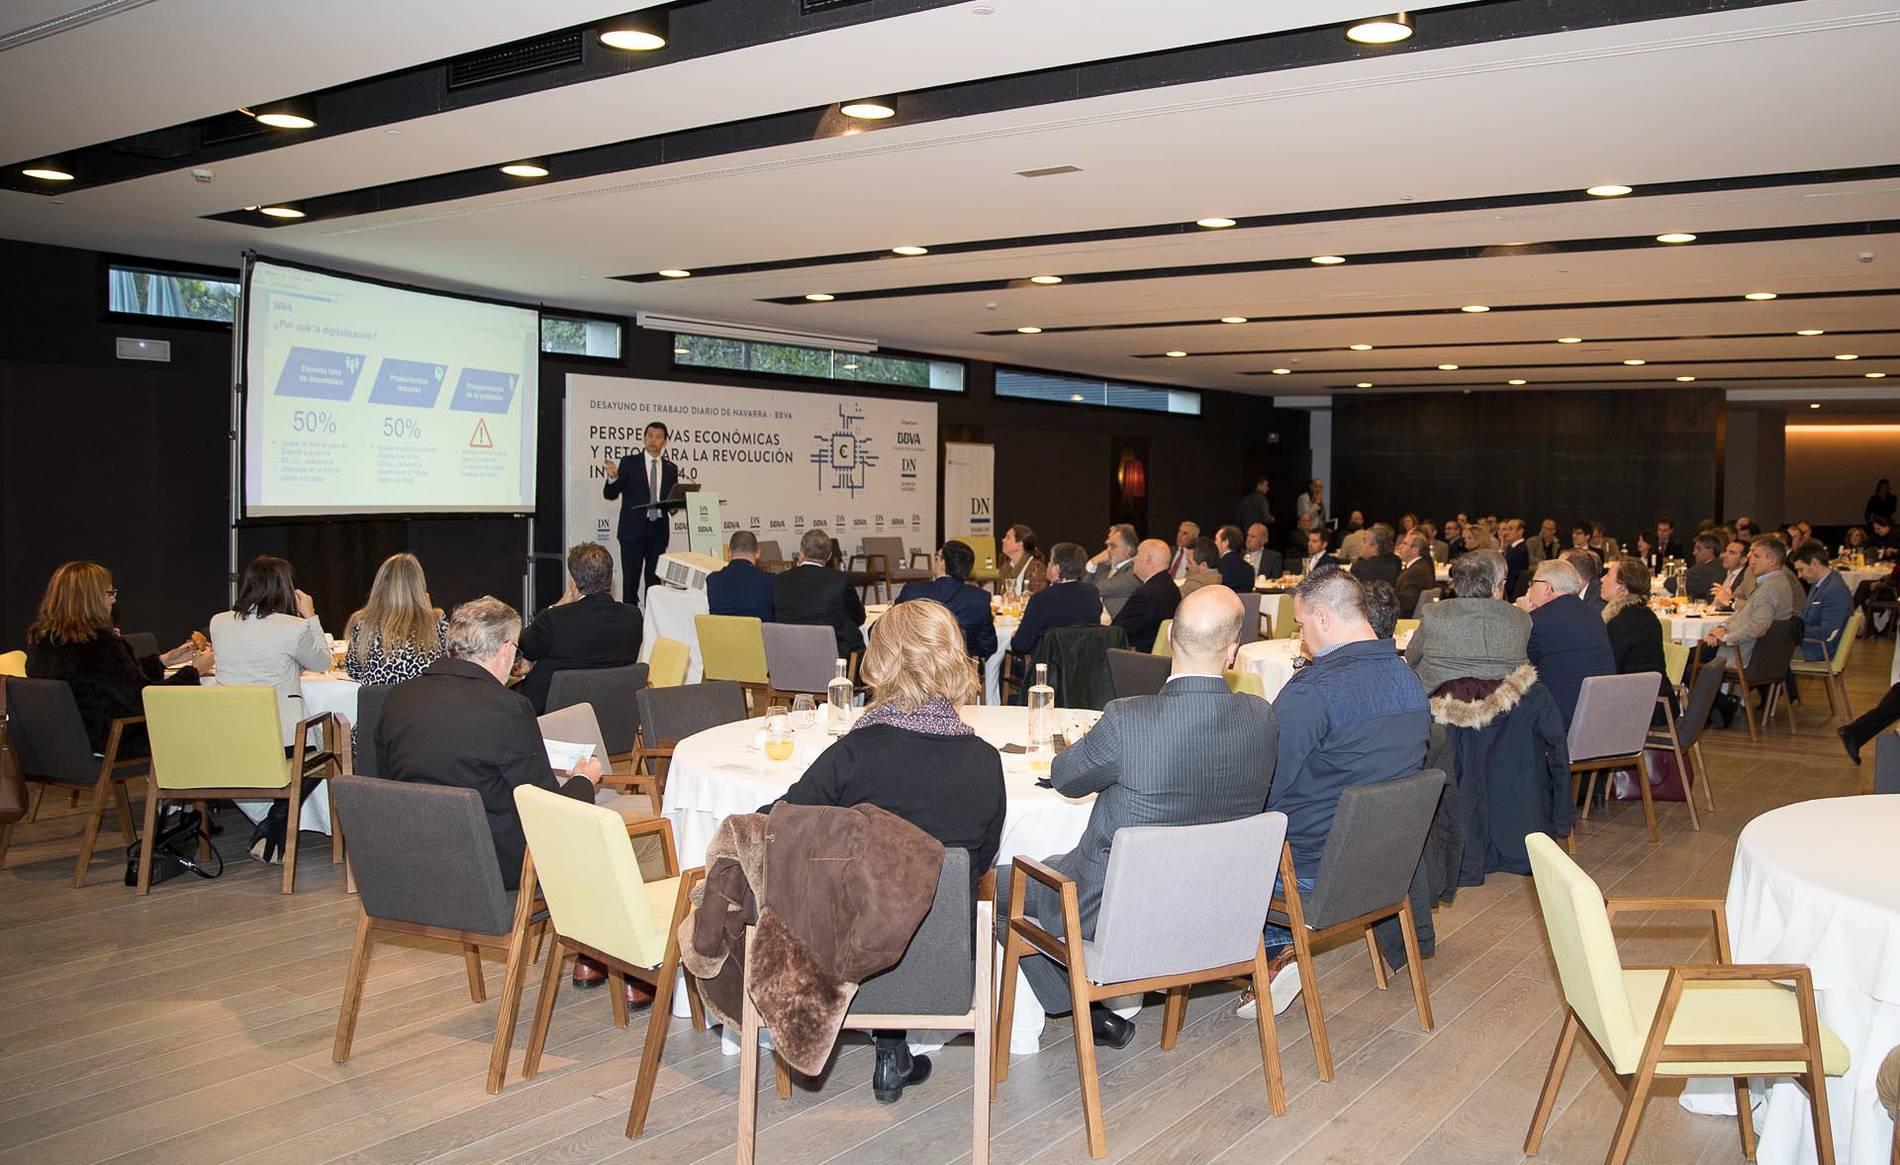 Desayuno BBVA - DN 3 (1/23) - Jornada organizada por Diario de Navarra y BBVA para abordar las perspectivas económicas y los retos de la revolución industrial 4.0, en la que participaron 140 profesionales del mundo empresarial navarro. - DN Management -